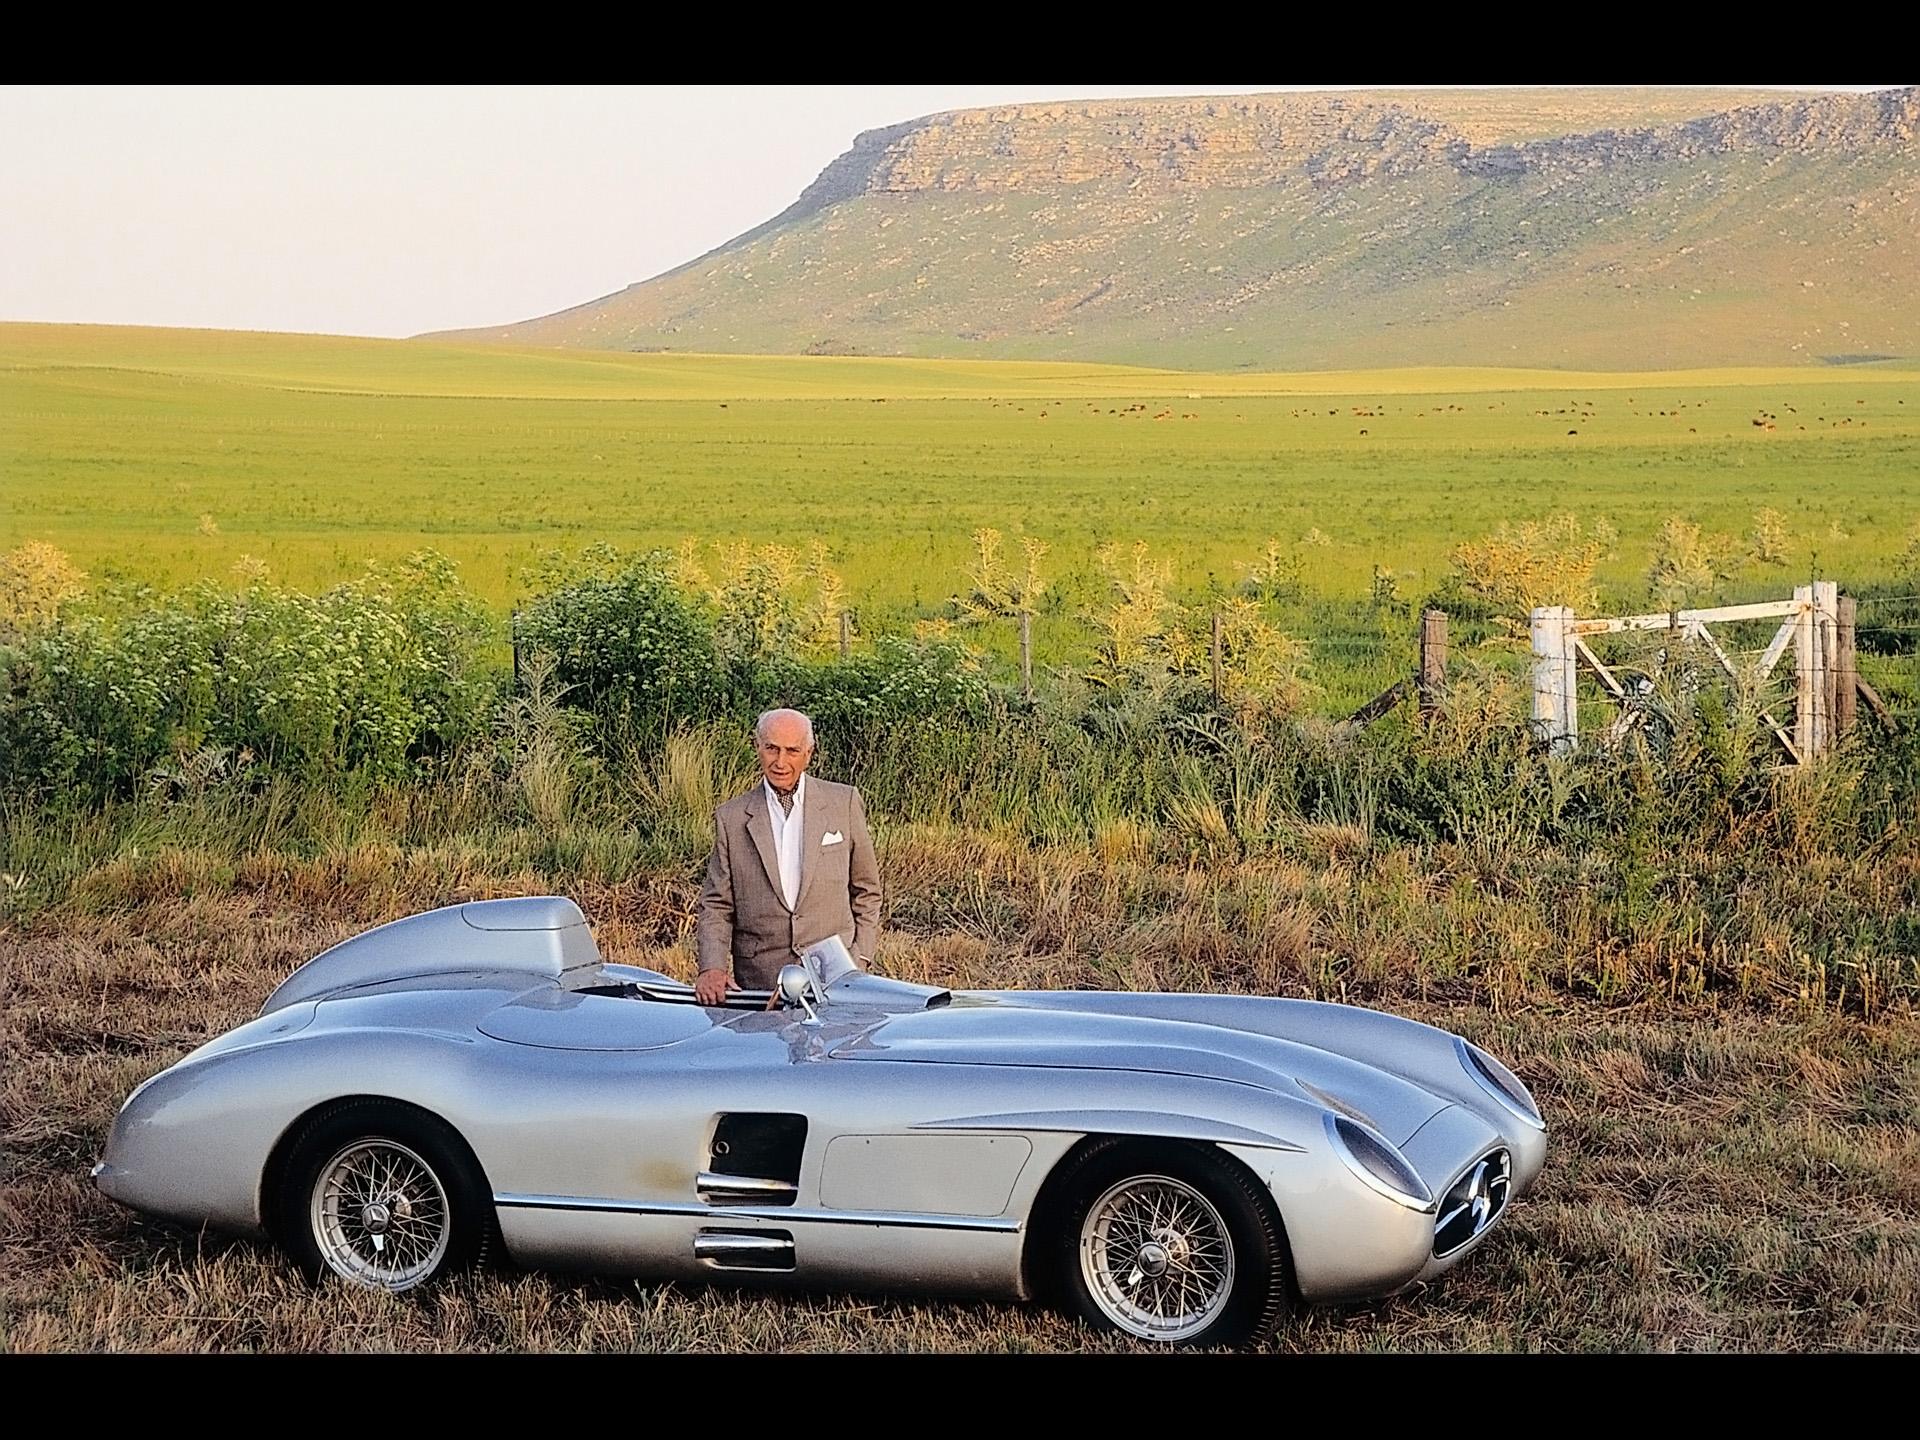 Mercedes Benz and Juan Manuel Fangio   1955 Mercedes Benz 300 SLR 1920x1440